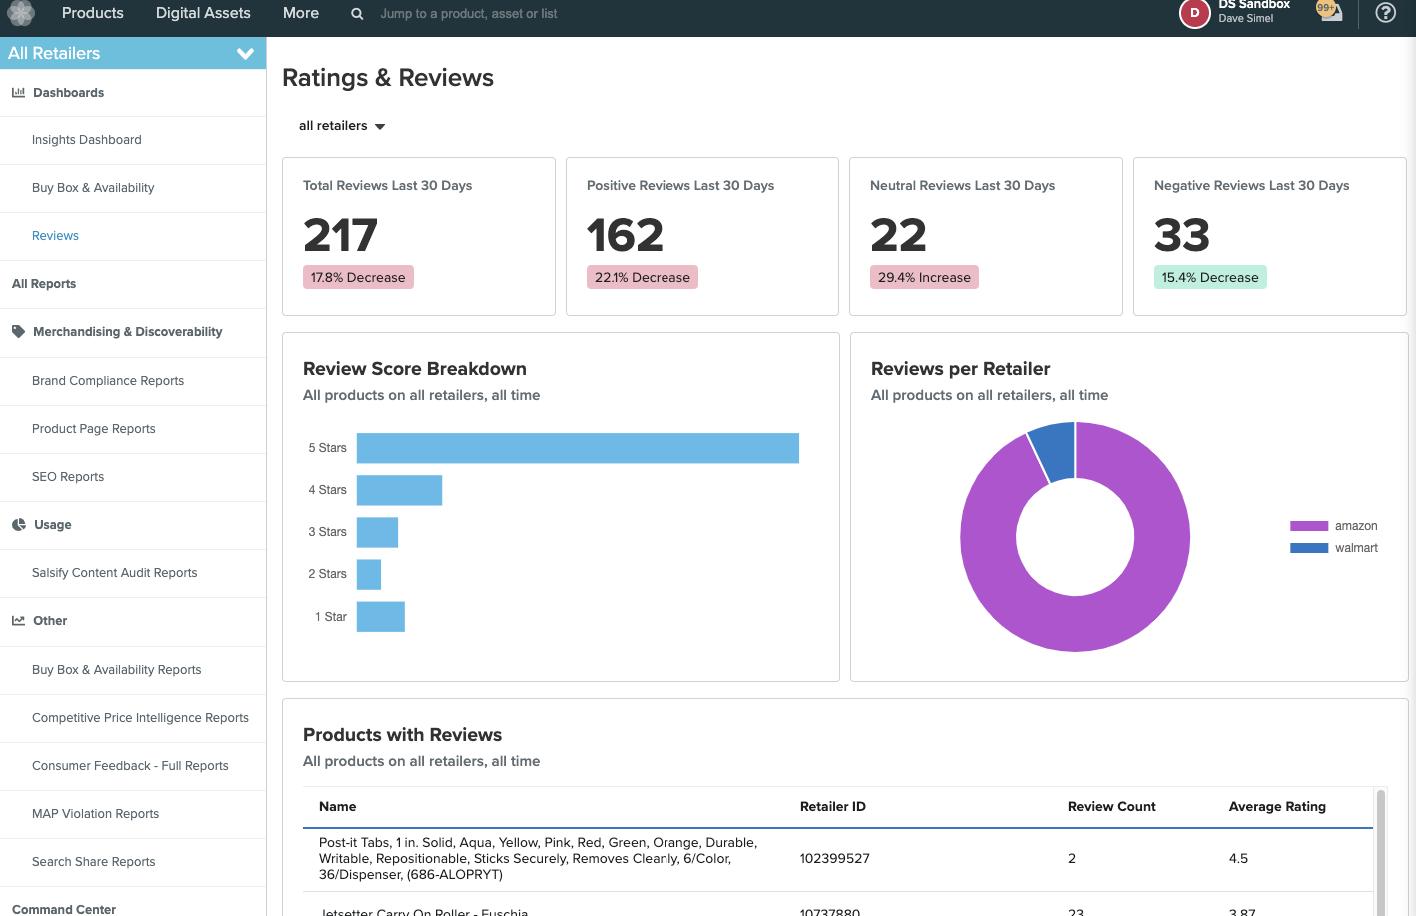 Insights Workflow dashboard